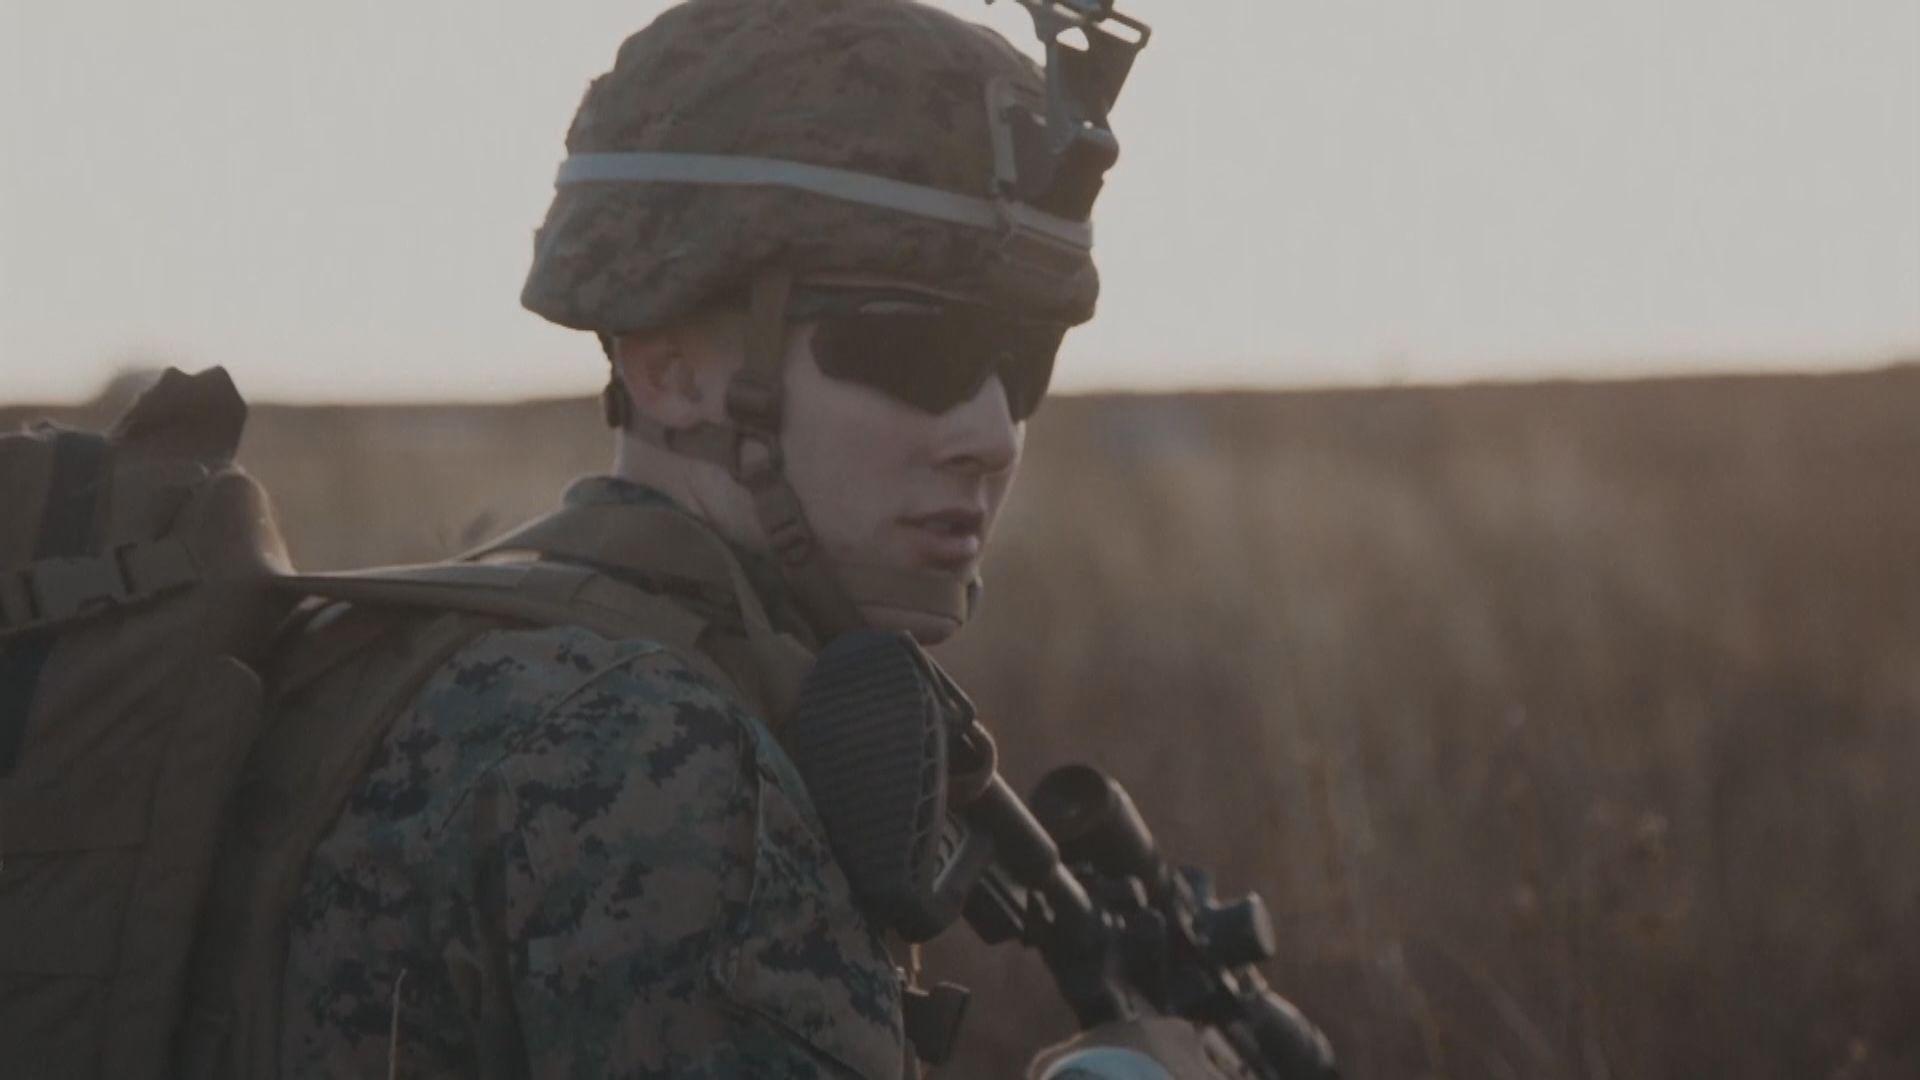 【環球薈報】瑞典擬增40%軍費開支應對俄羅斯威脅